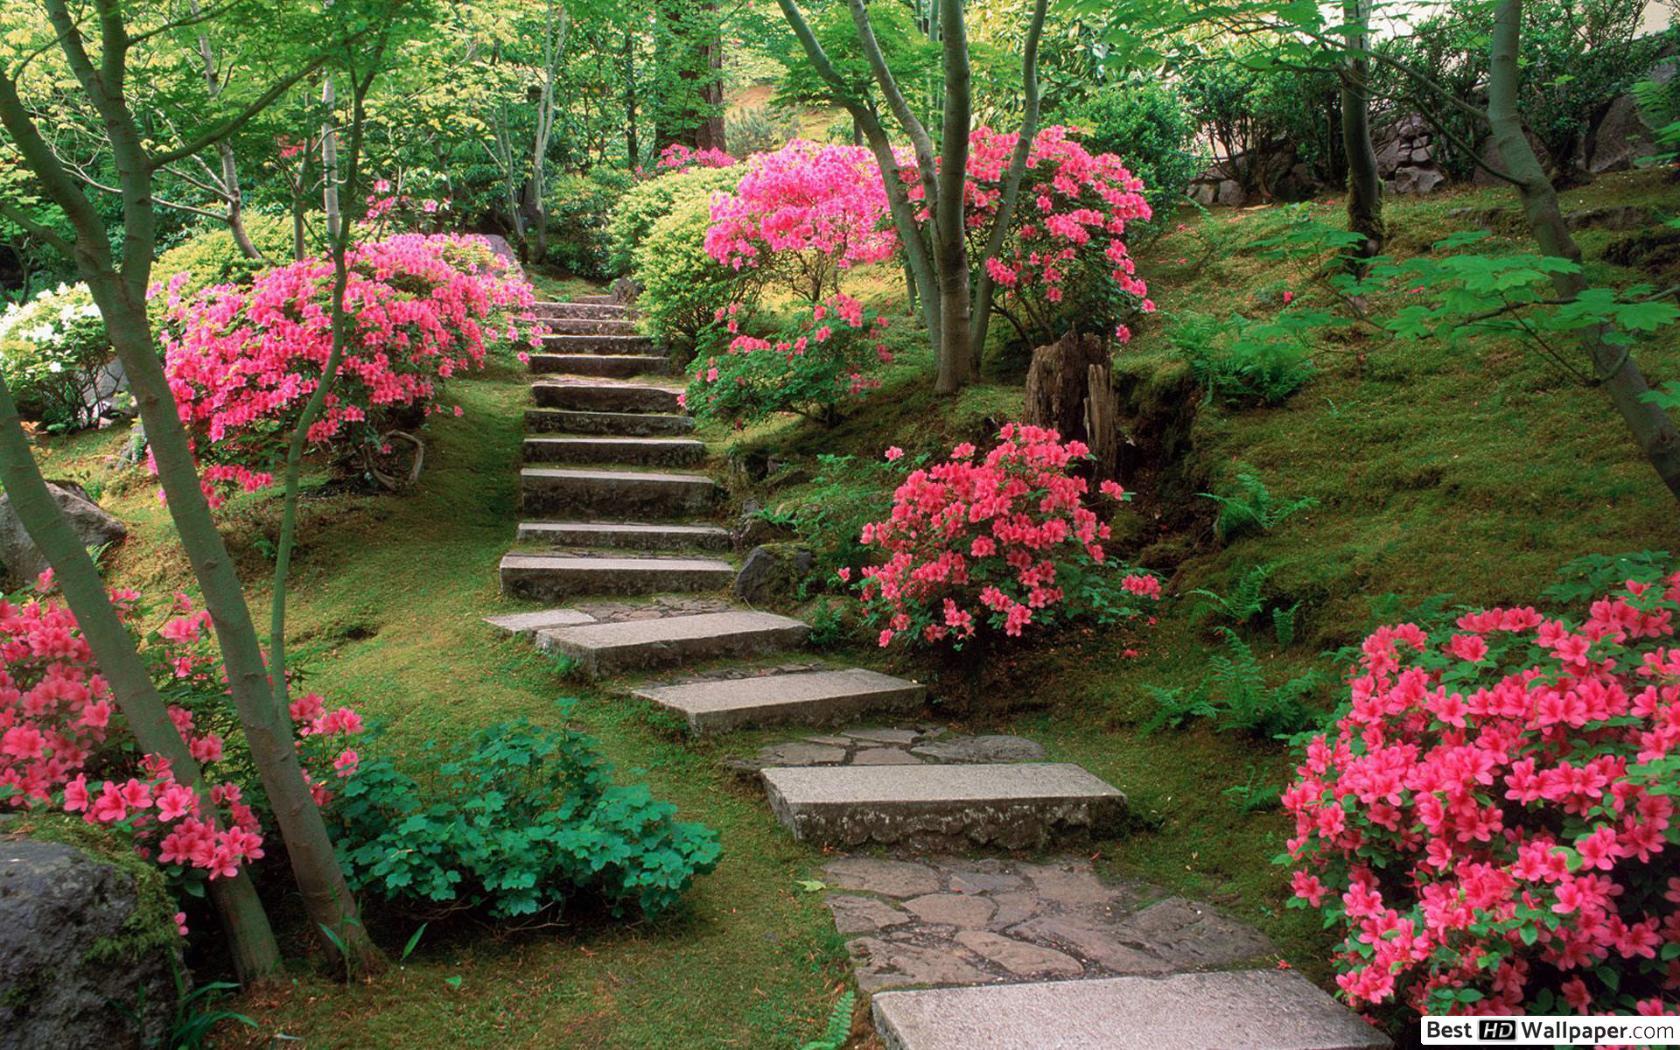 L'homme Fait Un Jardin Fleuri Hd Fond D'écran Télécharger avec Modèle De Jardin Fleuri